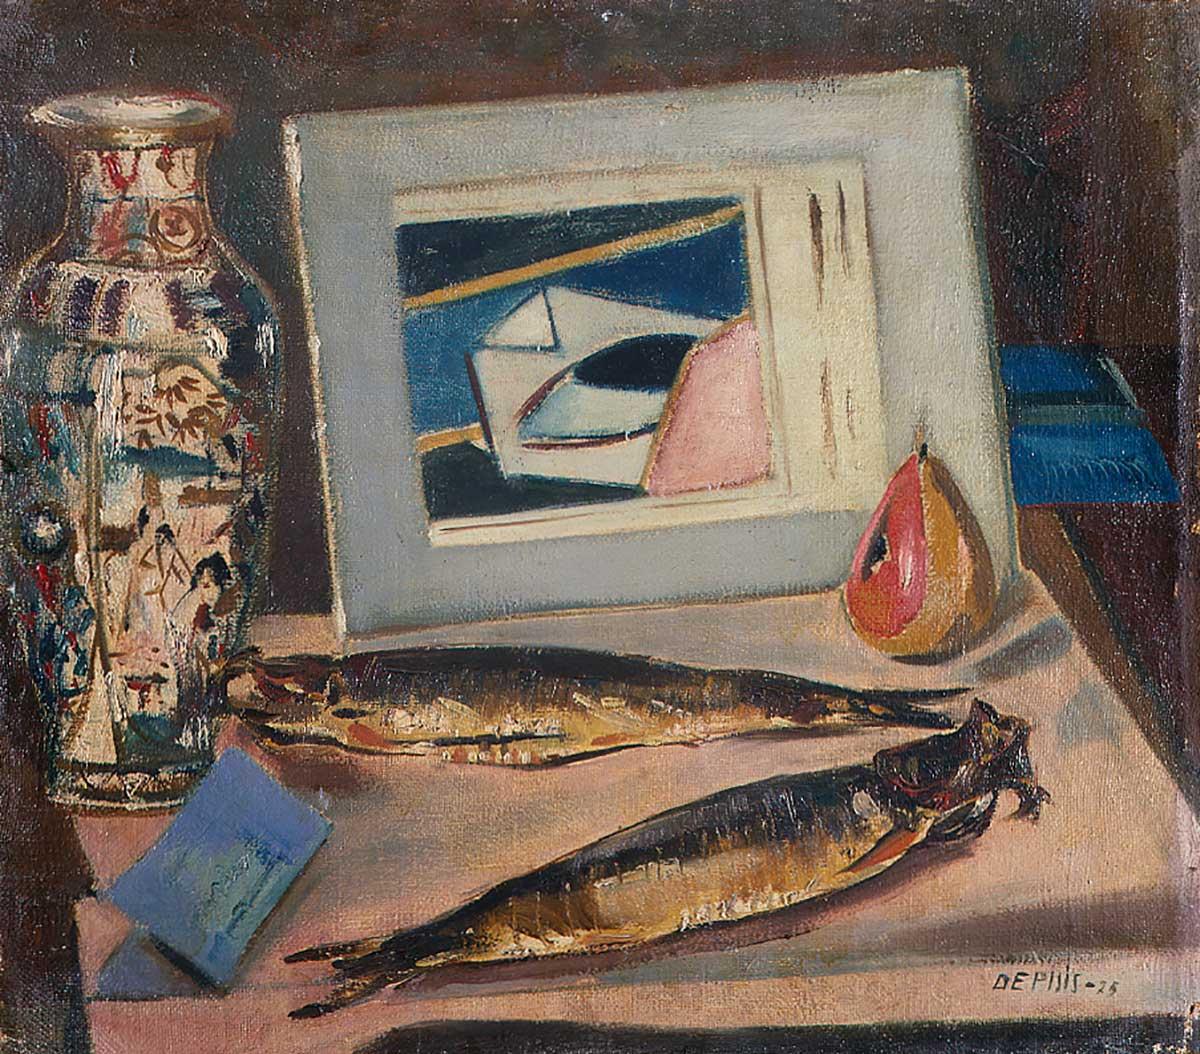 Filippo De Pisis (Filippo Tibertelli), The Sacred Fish, 1924, Pinacoteca di Brera, Milan, fish paintings